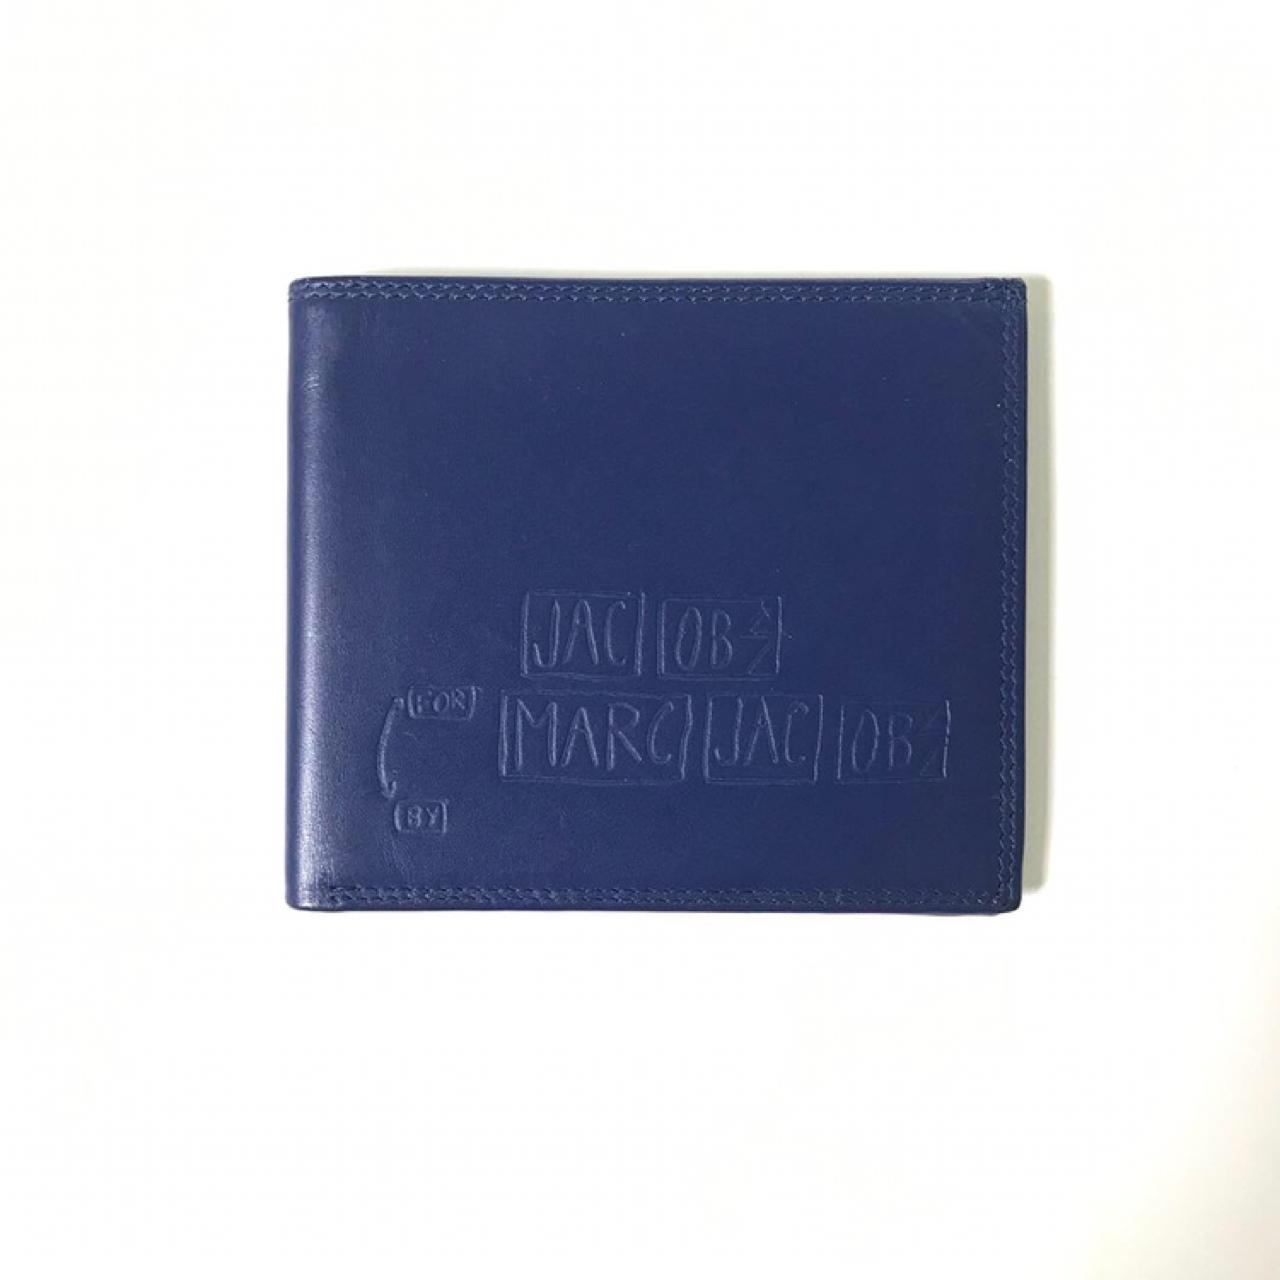 (미사용)마크바이마크제이콥스 지갑